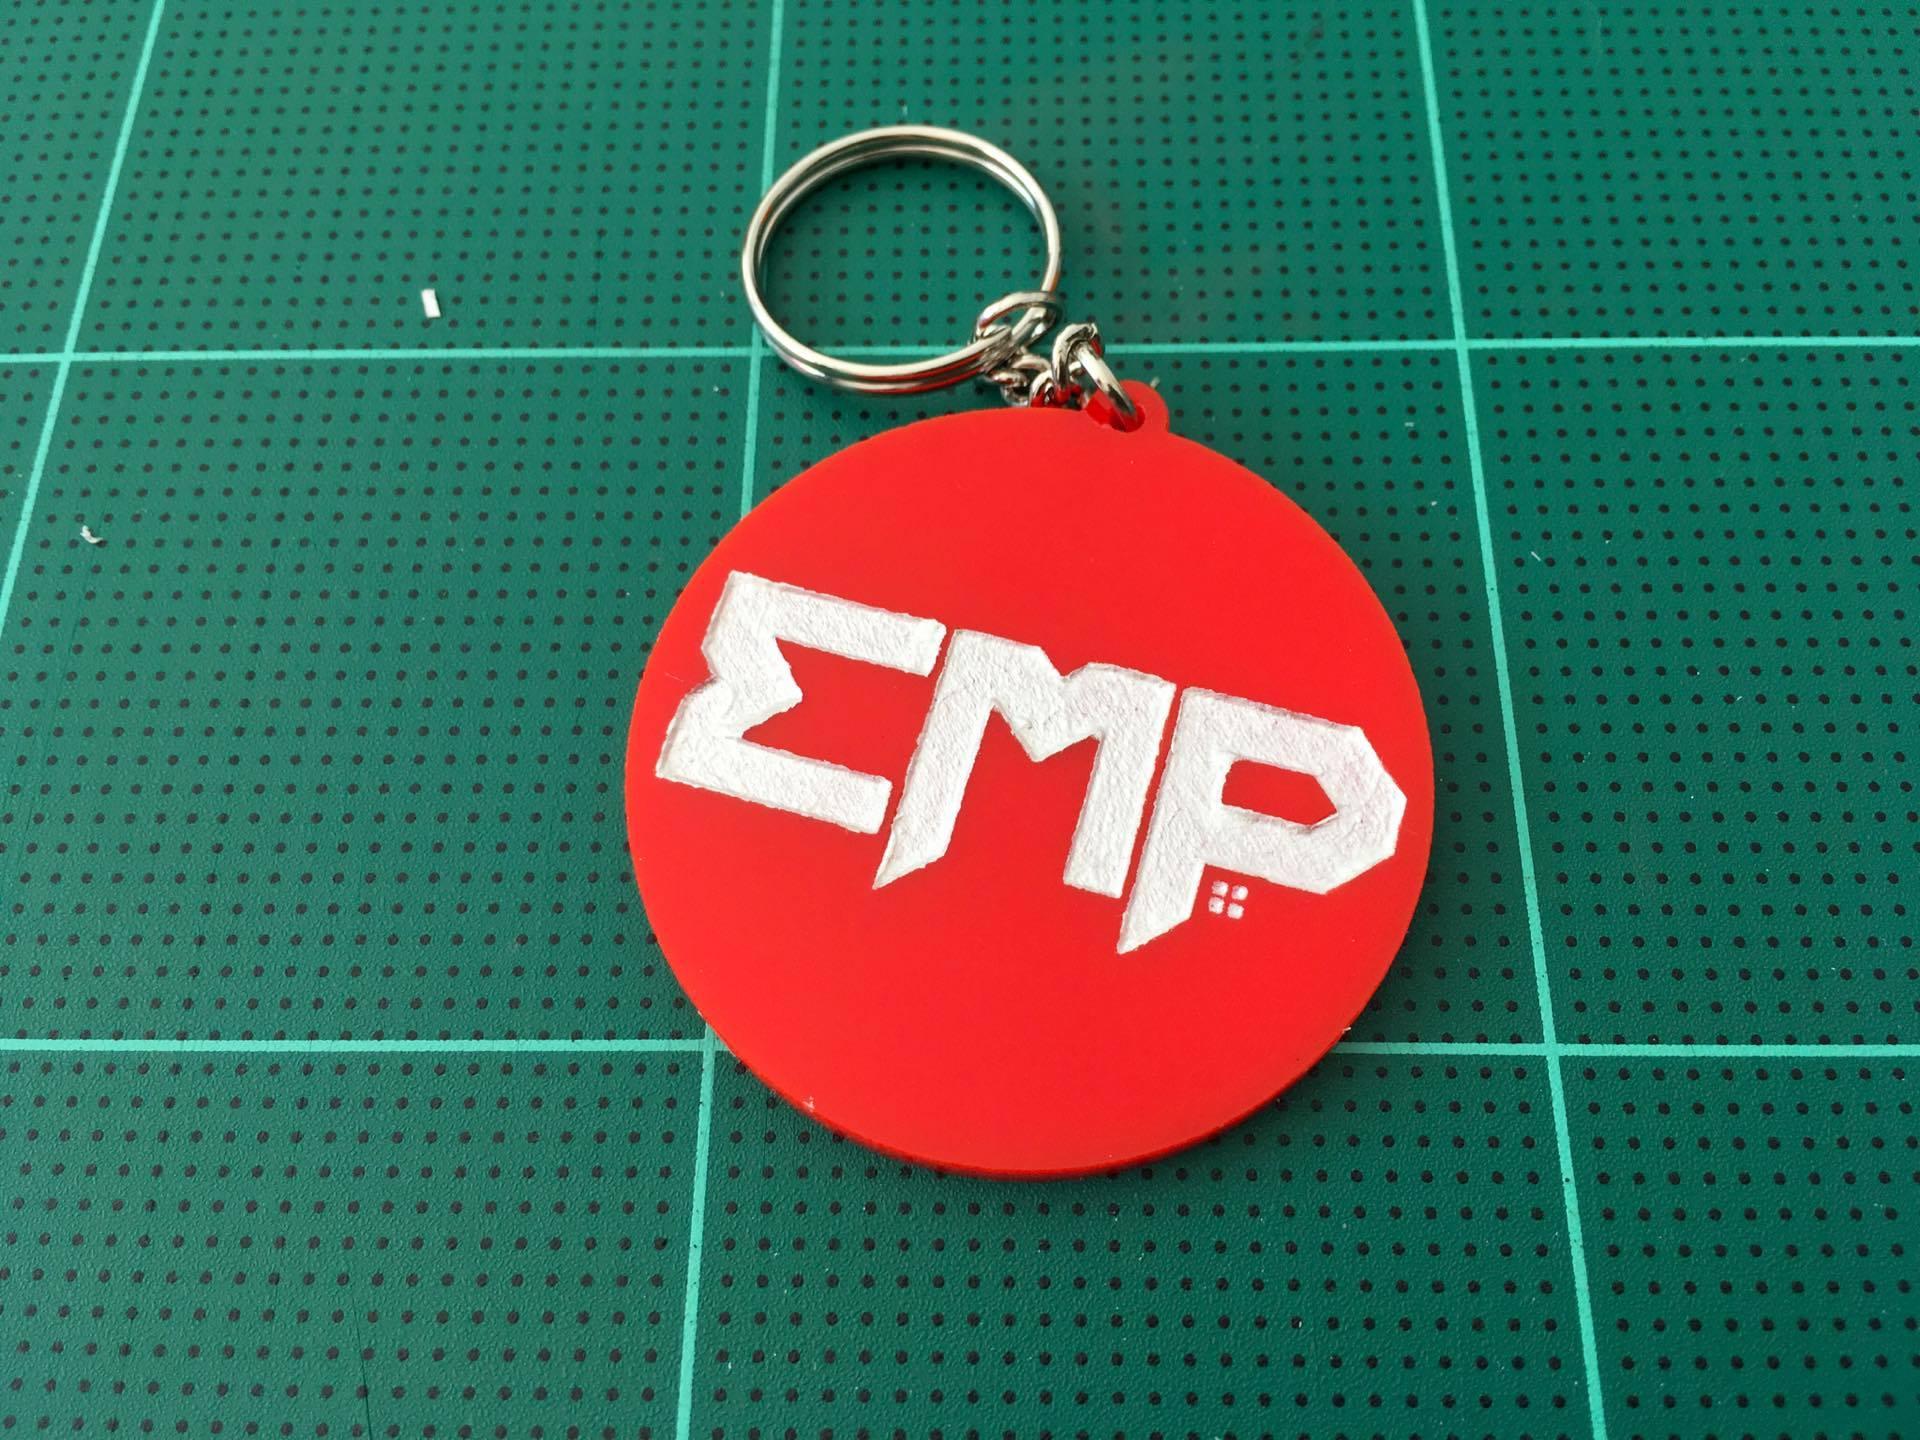 พวงกุญแจ Logo EMP อะคริลิค